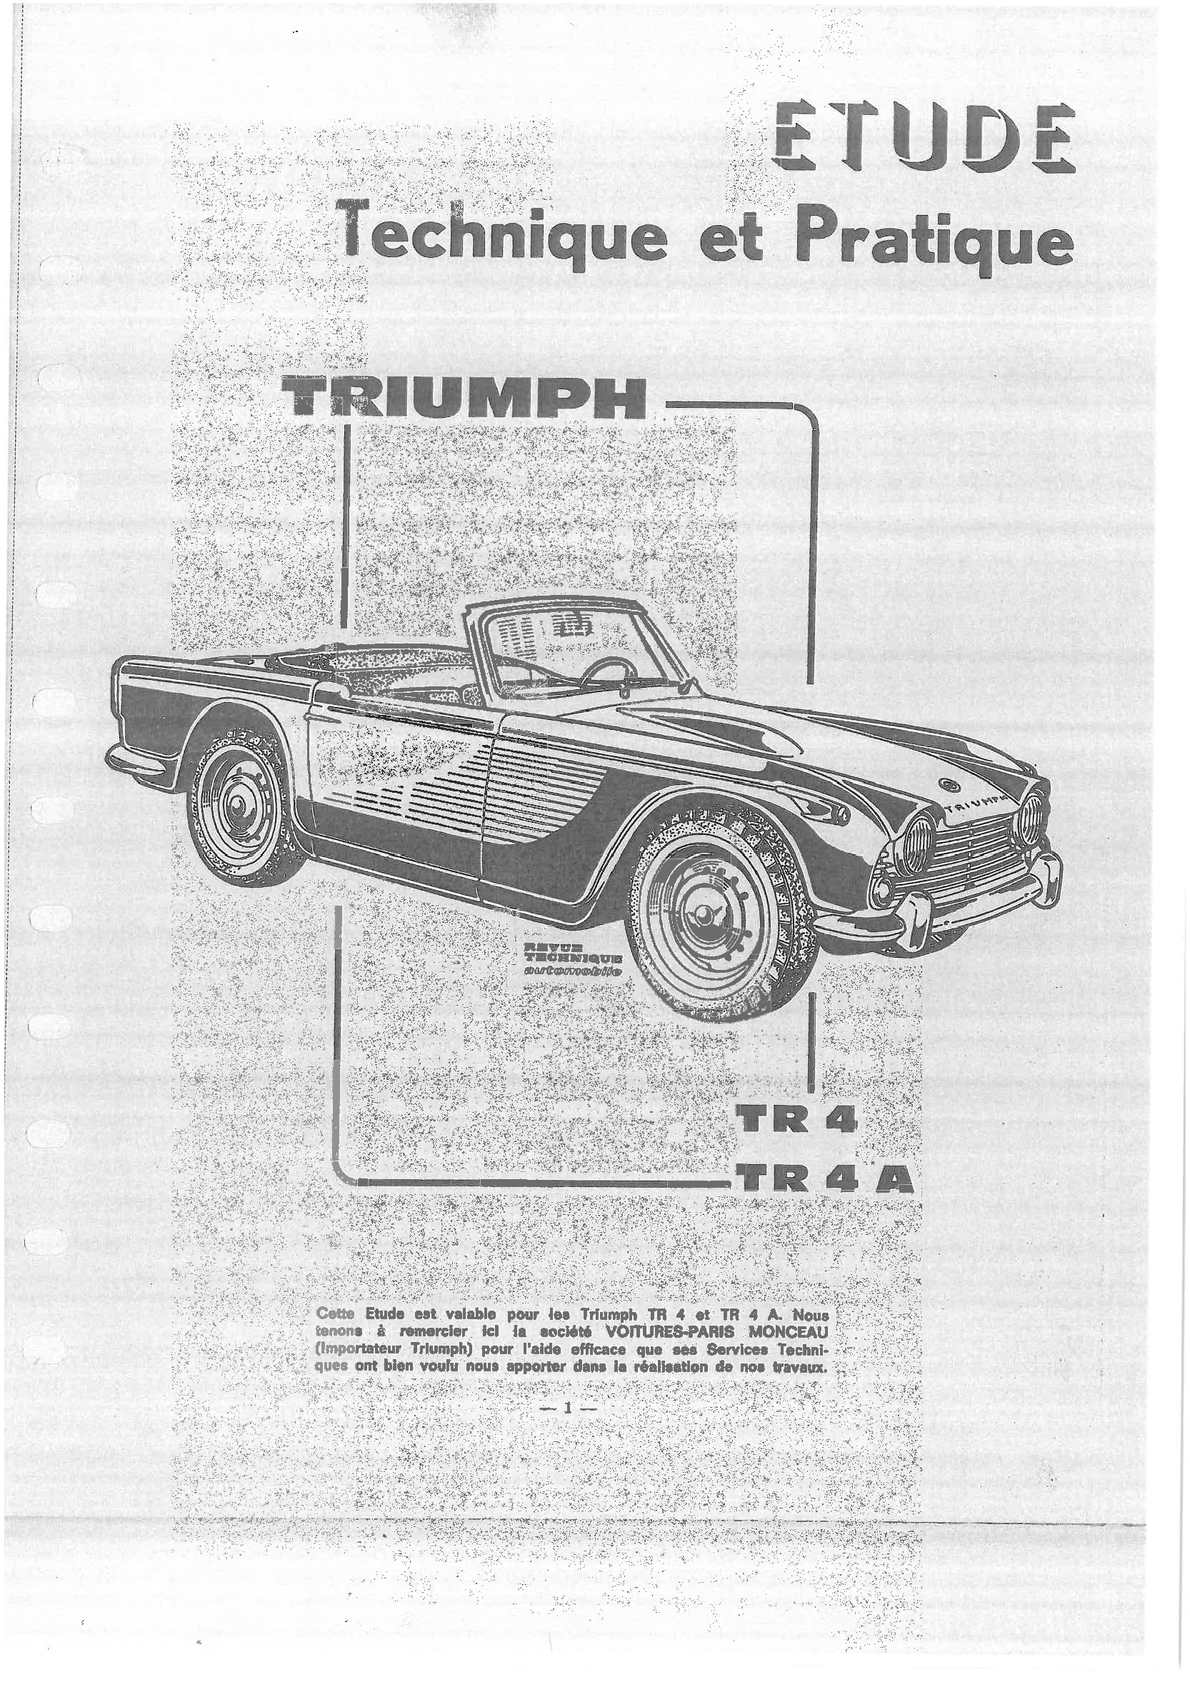 Revue Technique Automobile N240 Triumph Tr4 Tr4a Calameo Downloader